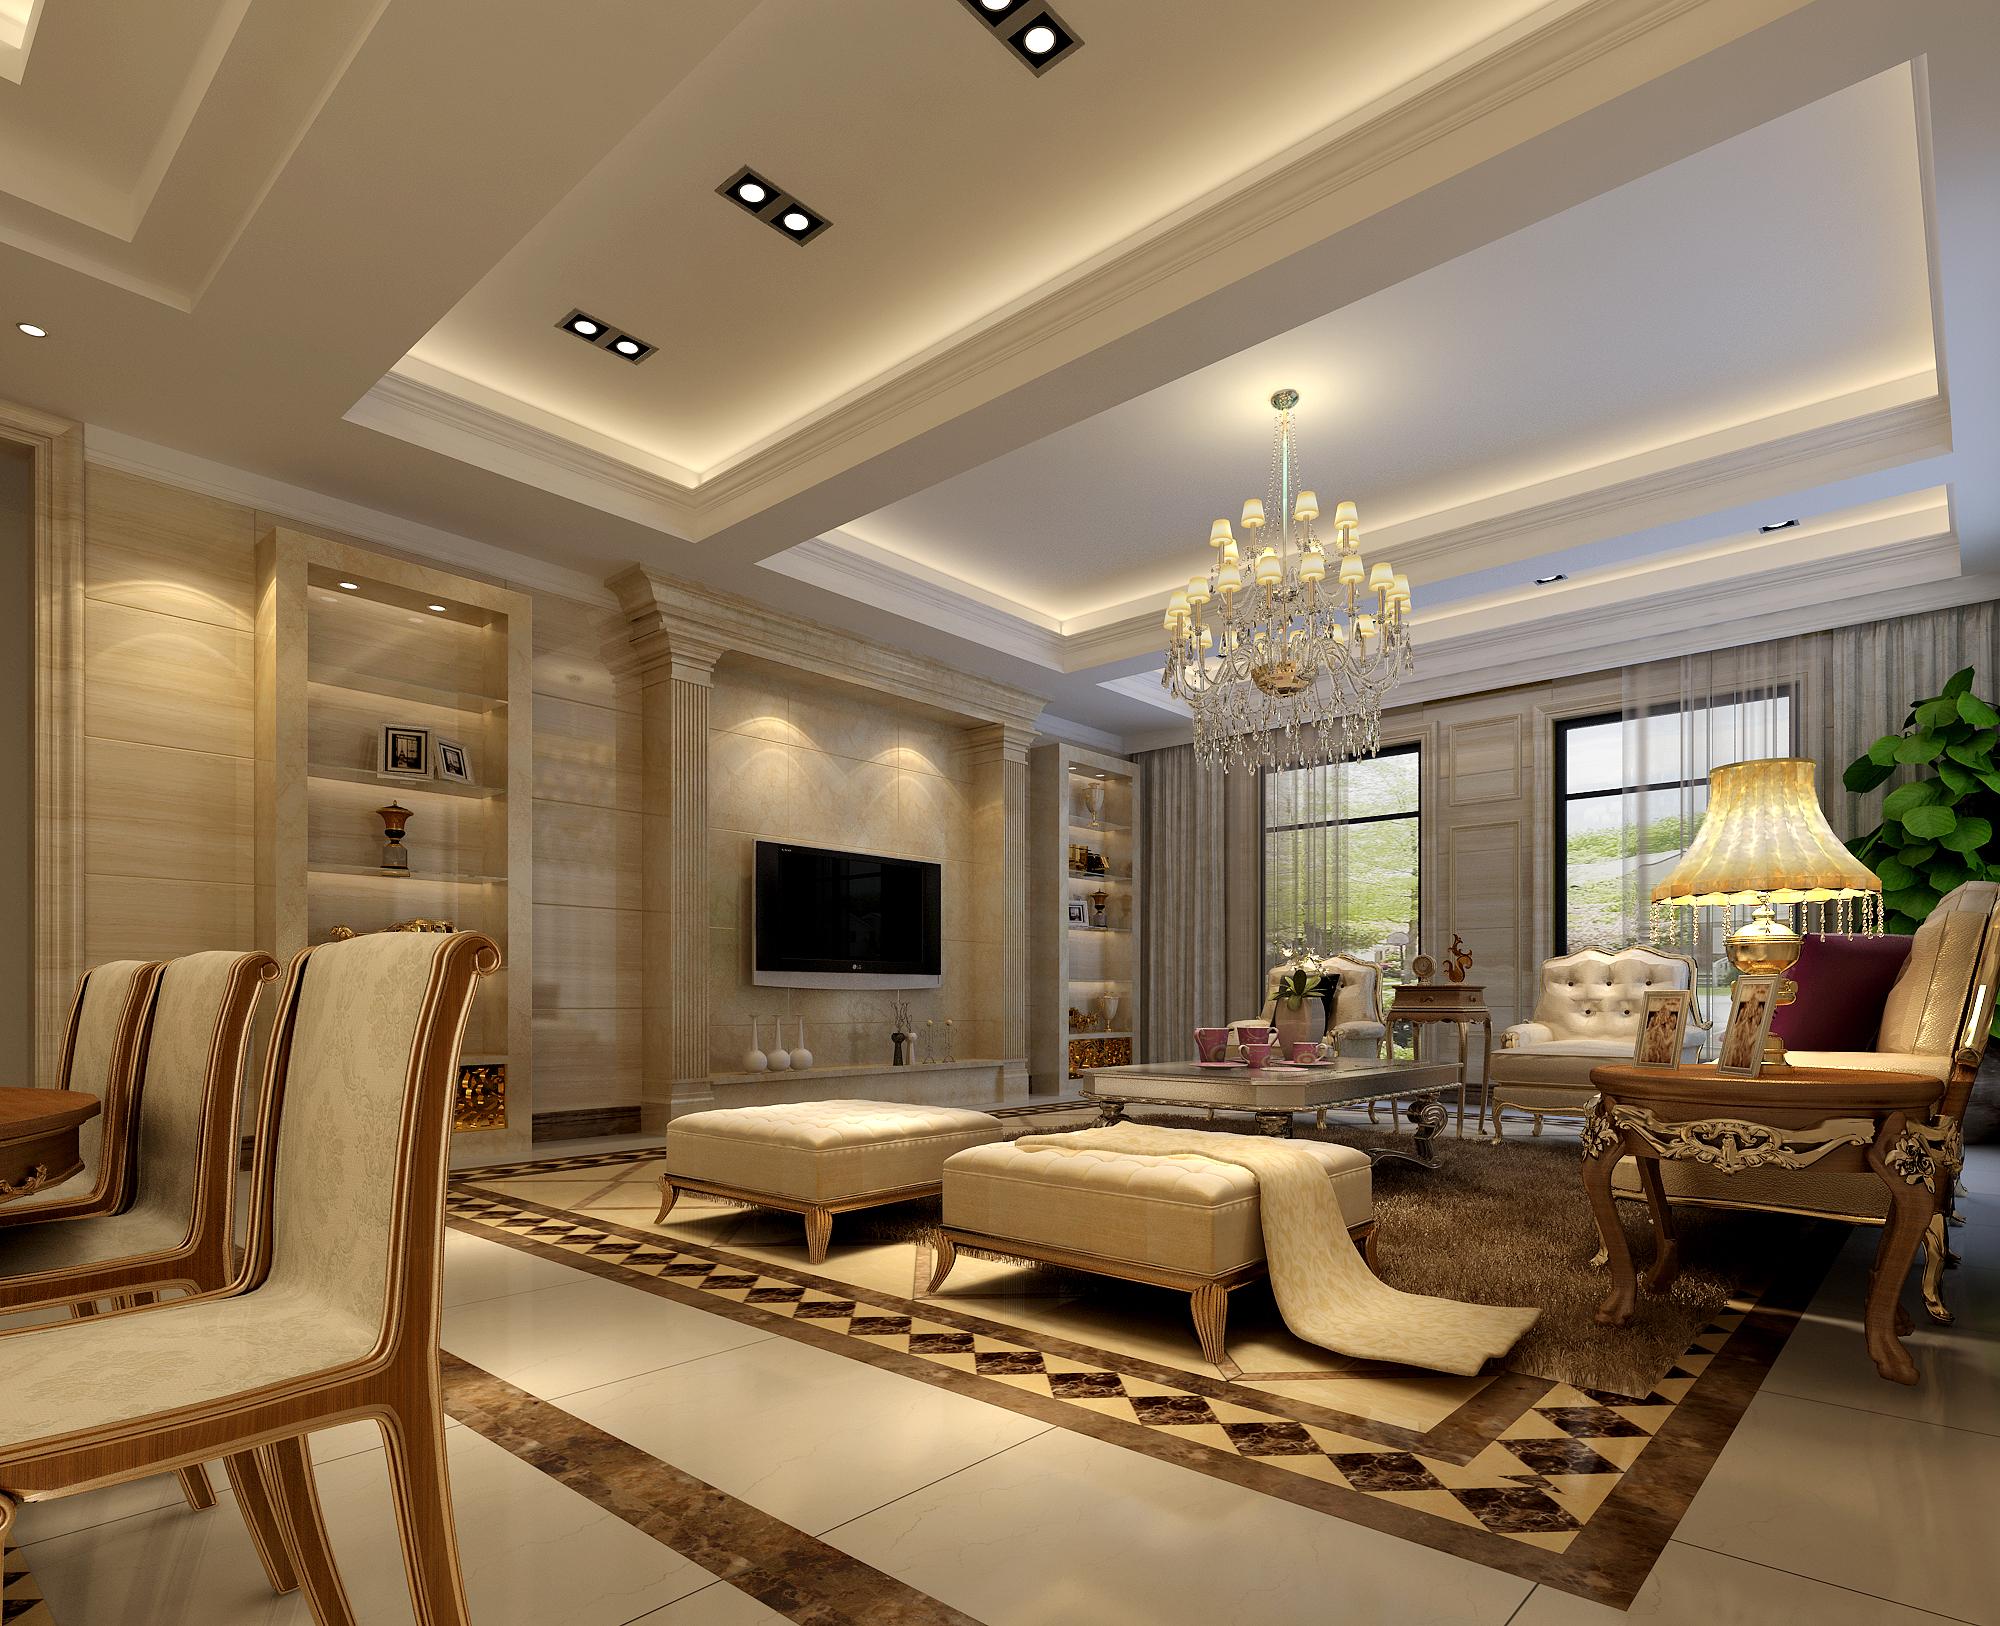 欧式 混搭 客厅图片来自孔一程在凤凰城别墅的分享